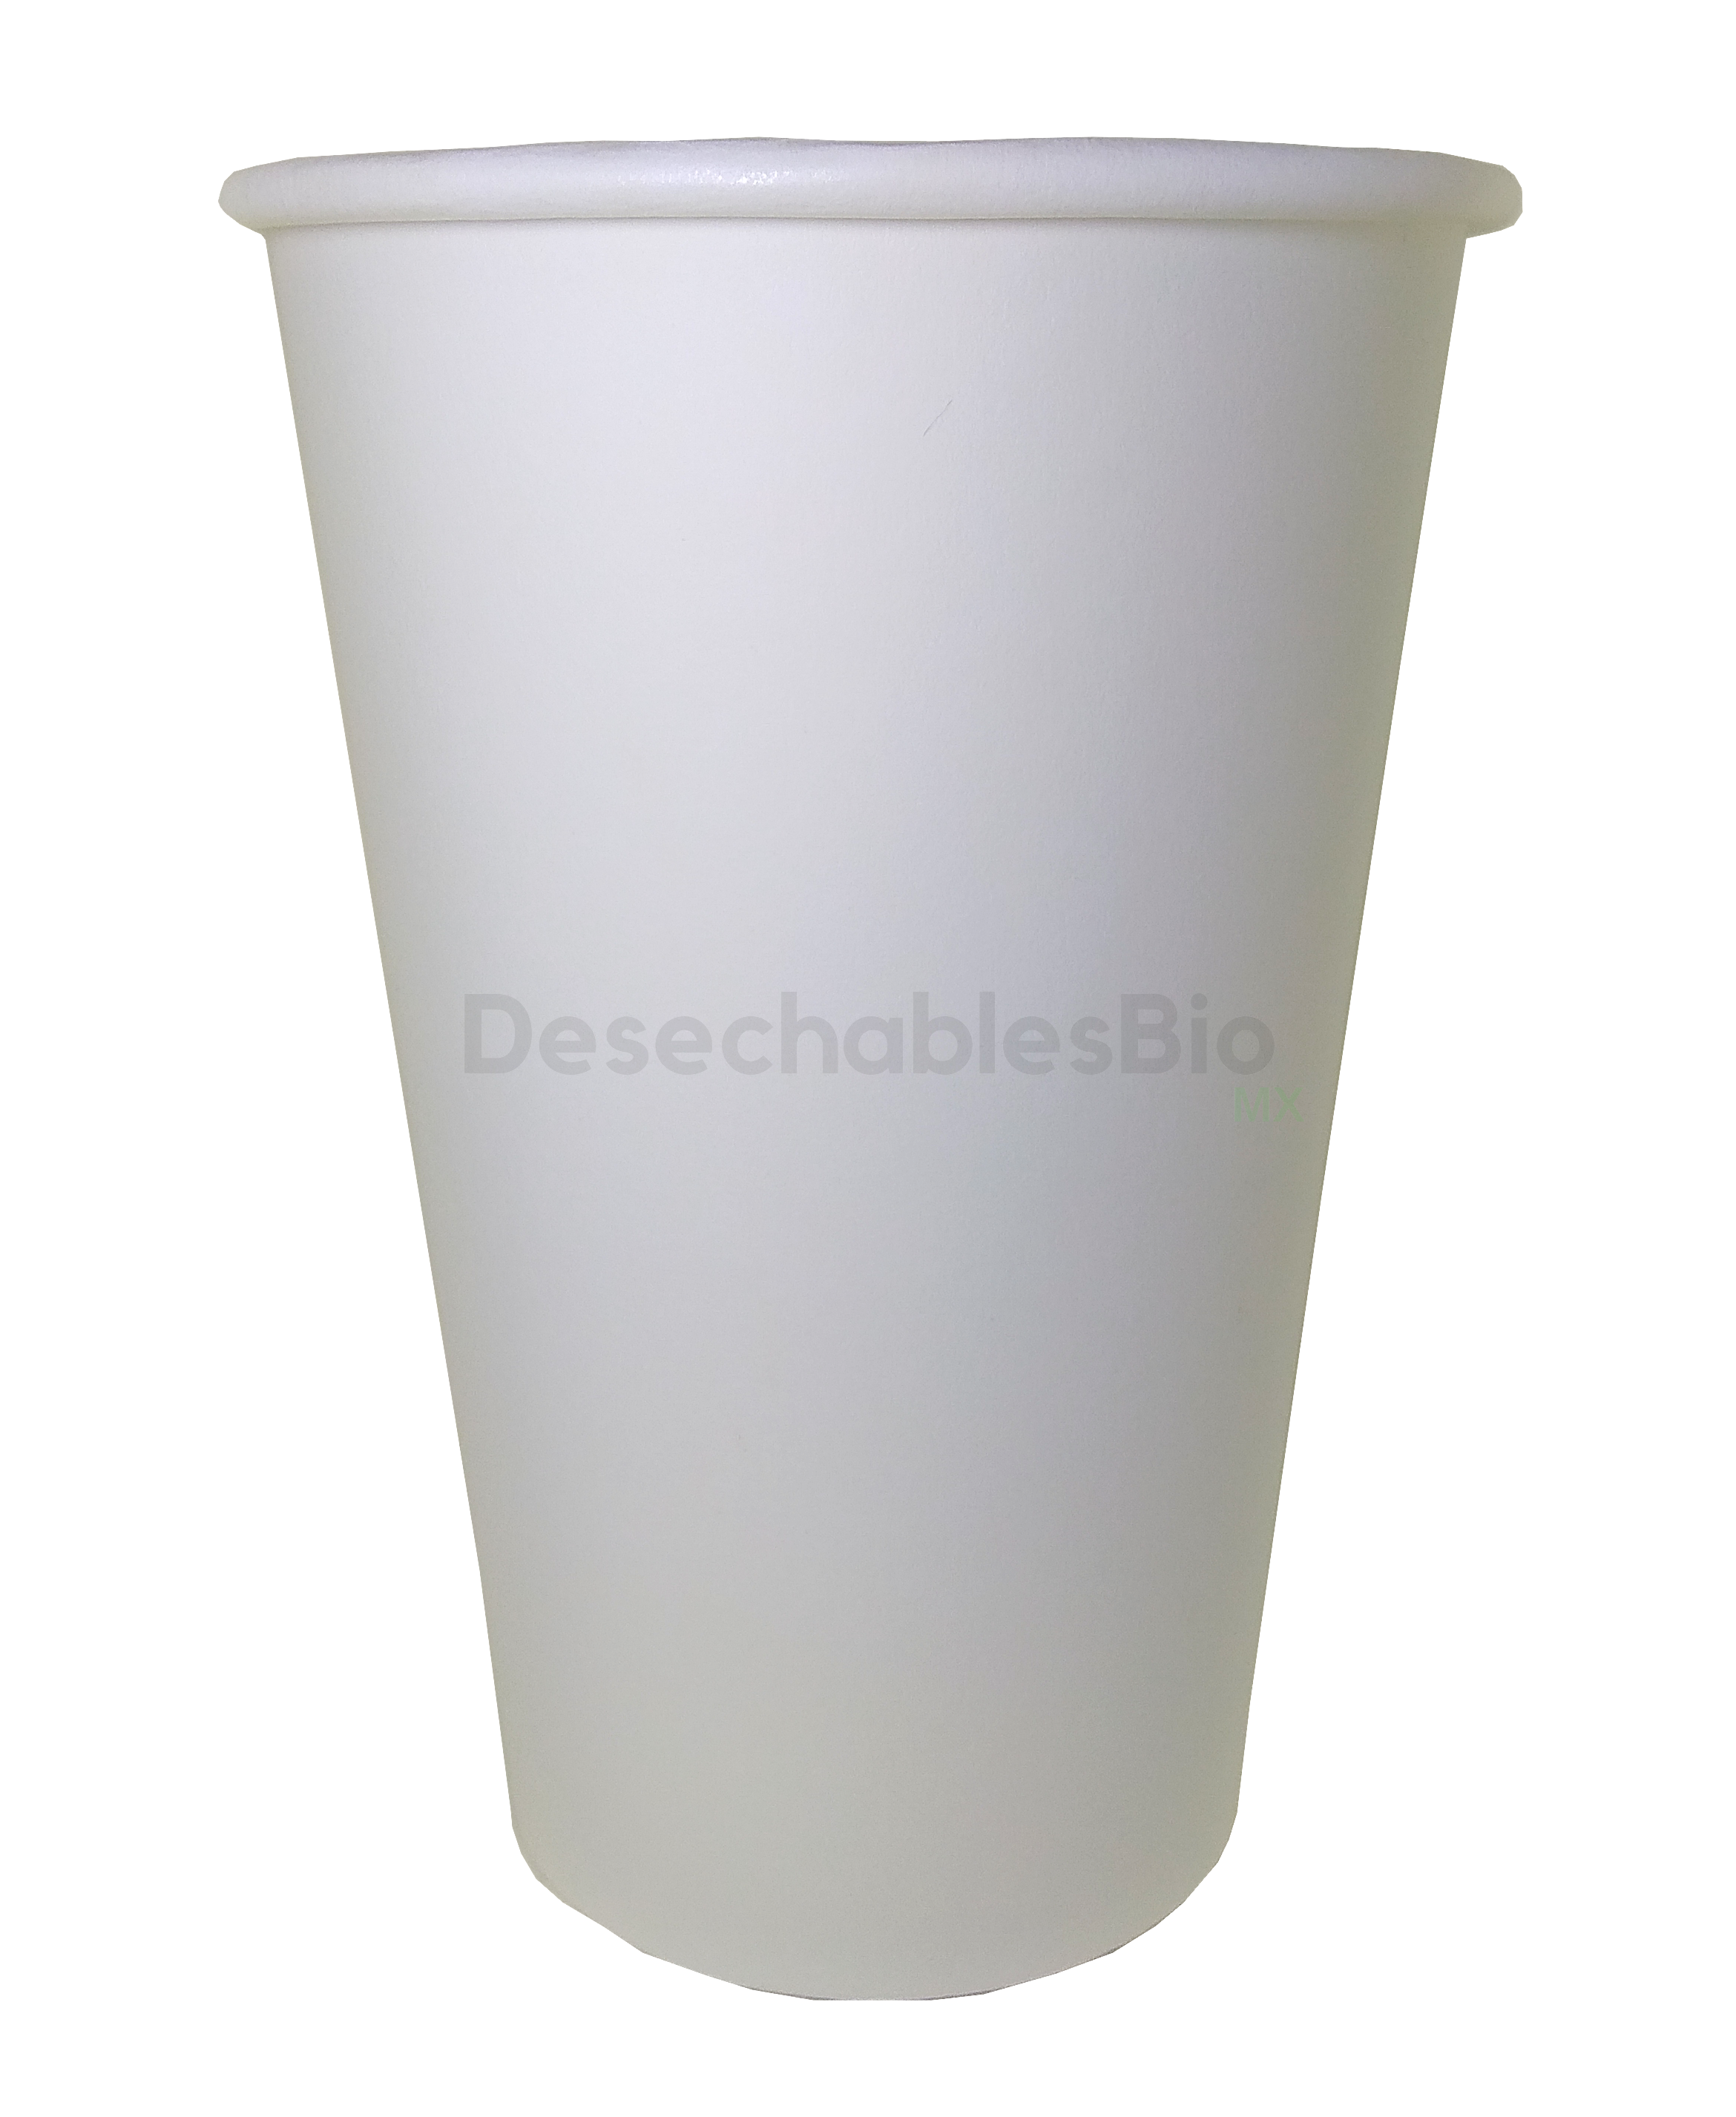 Desechables Bio México   Vaso Térmico 16 oz. Biodegradable 2